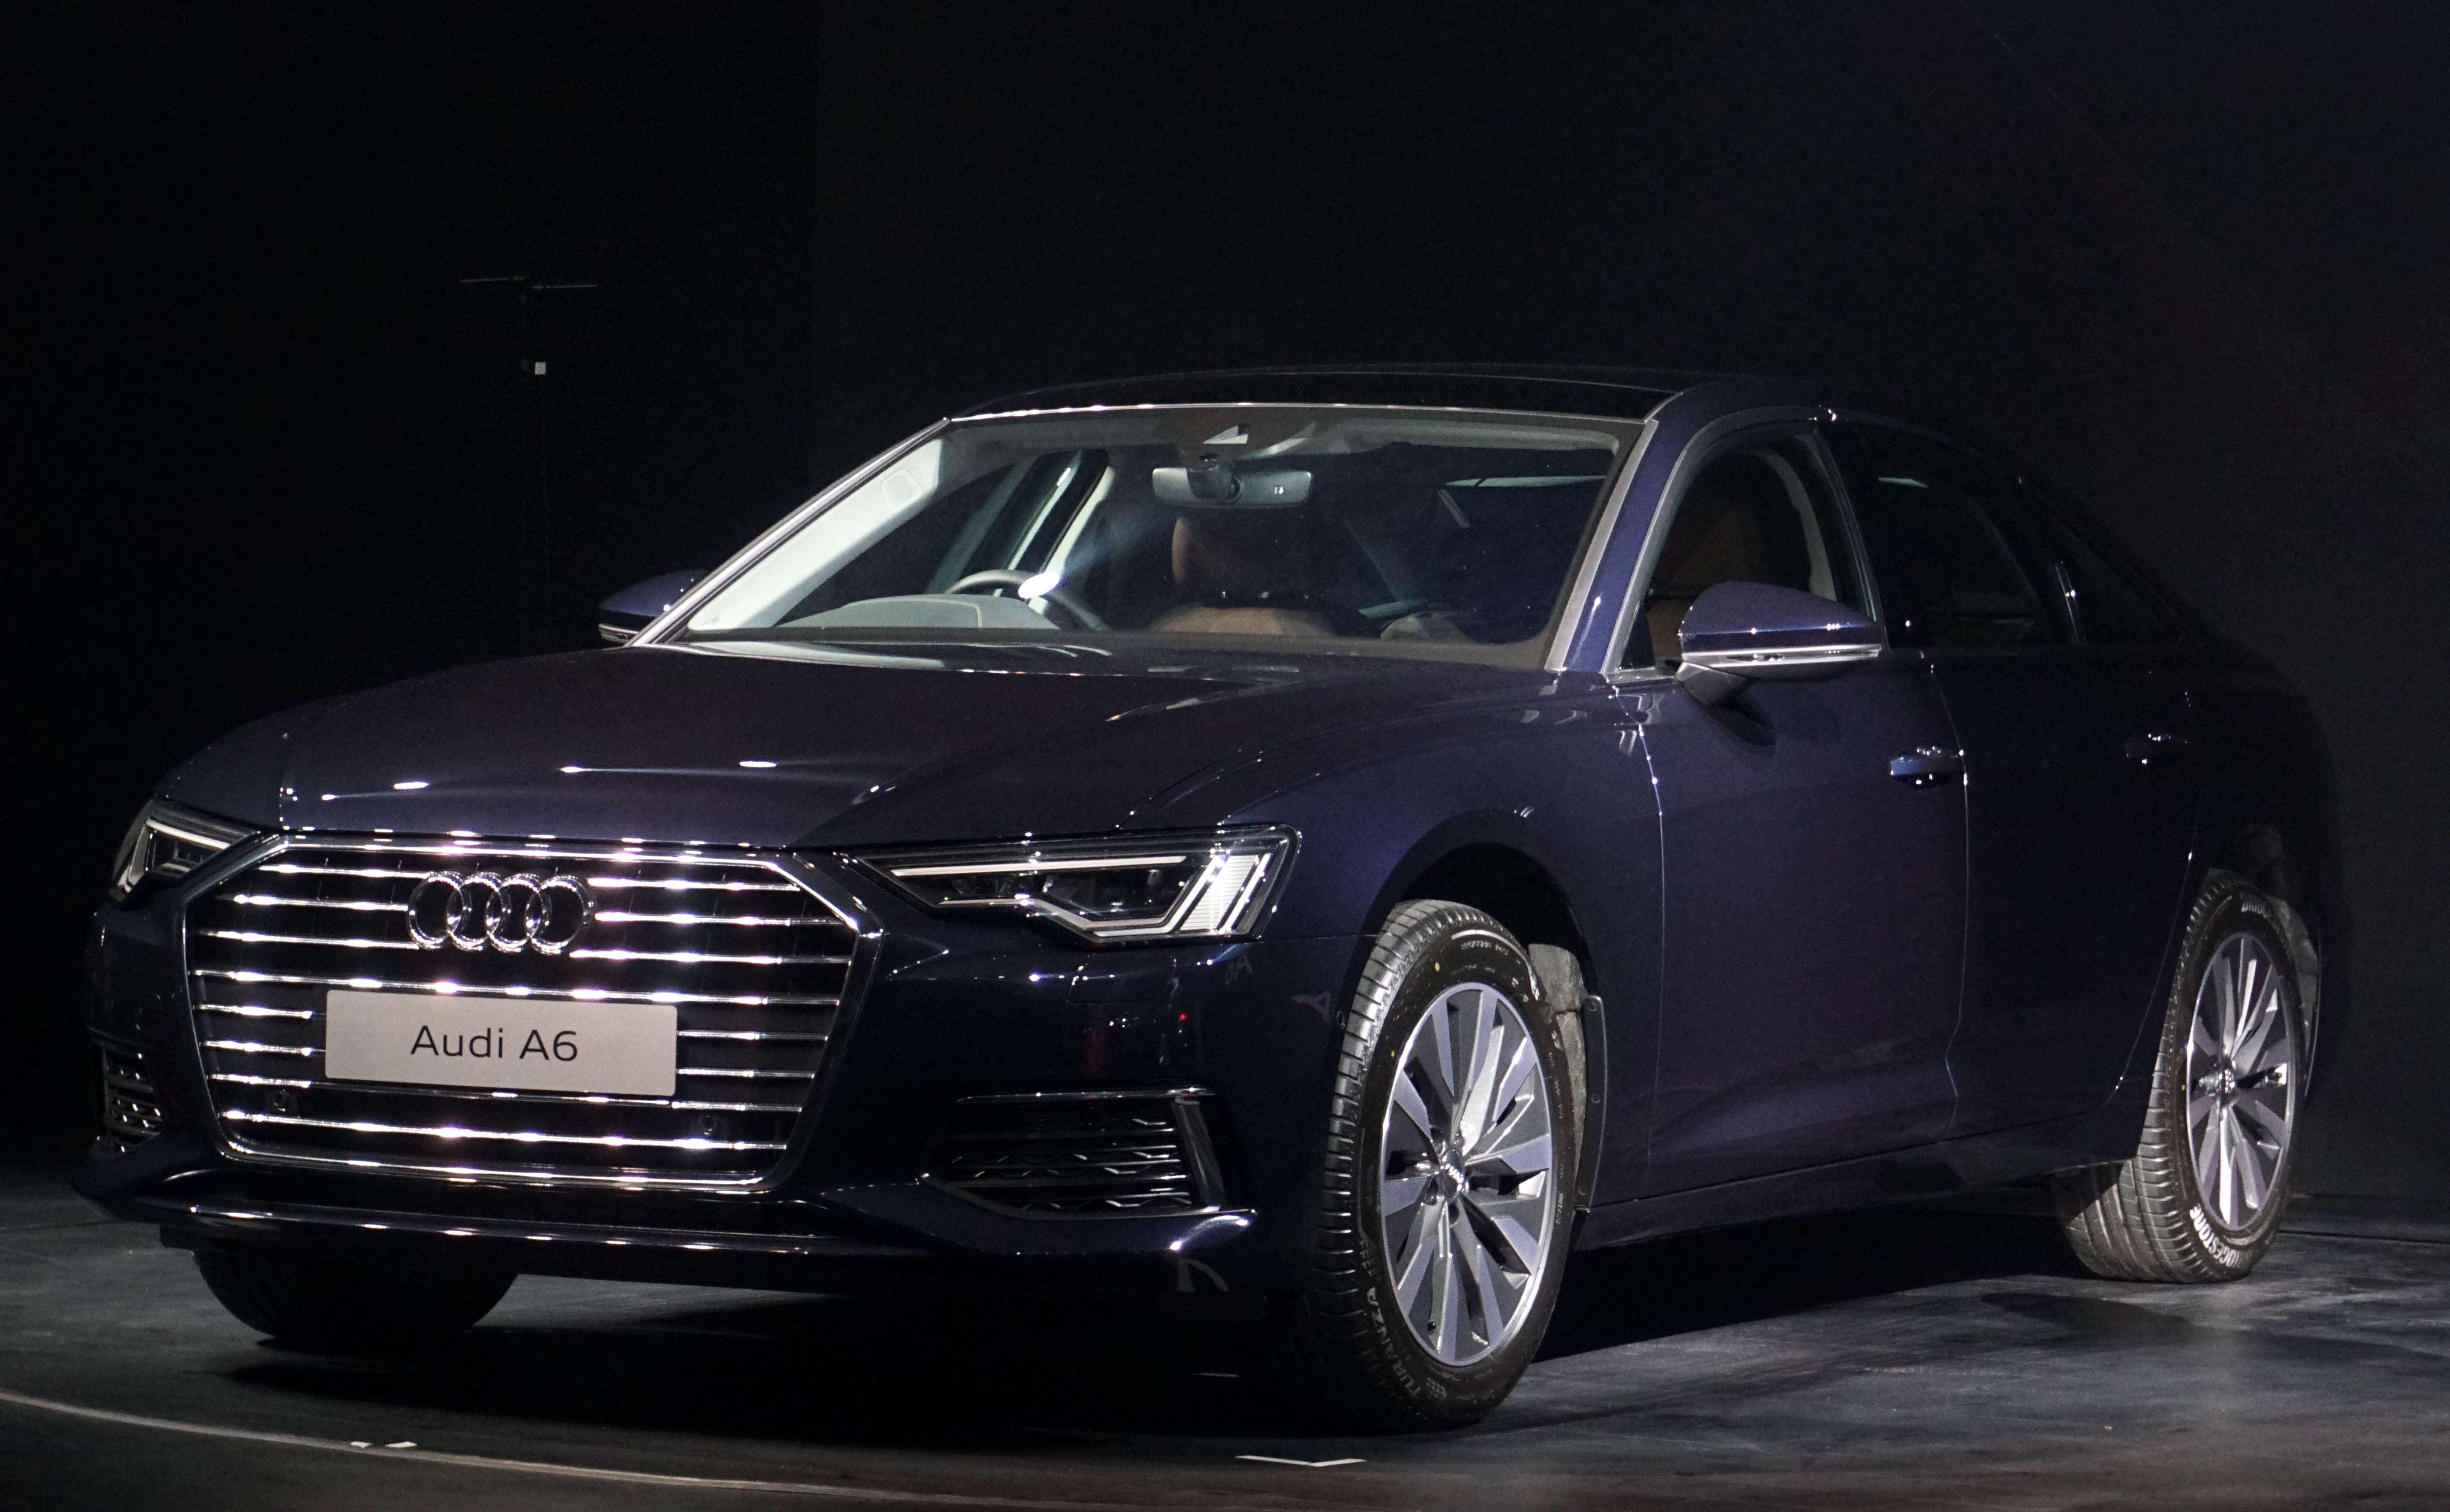 Kelebihan Kekurangan Auto Audi Harga